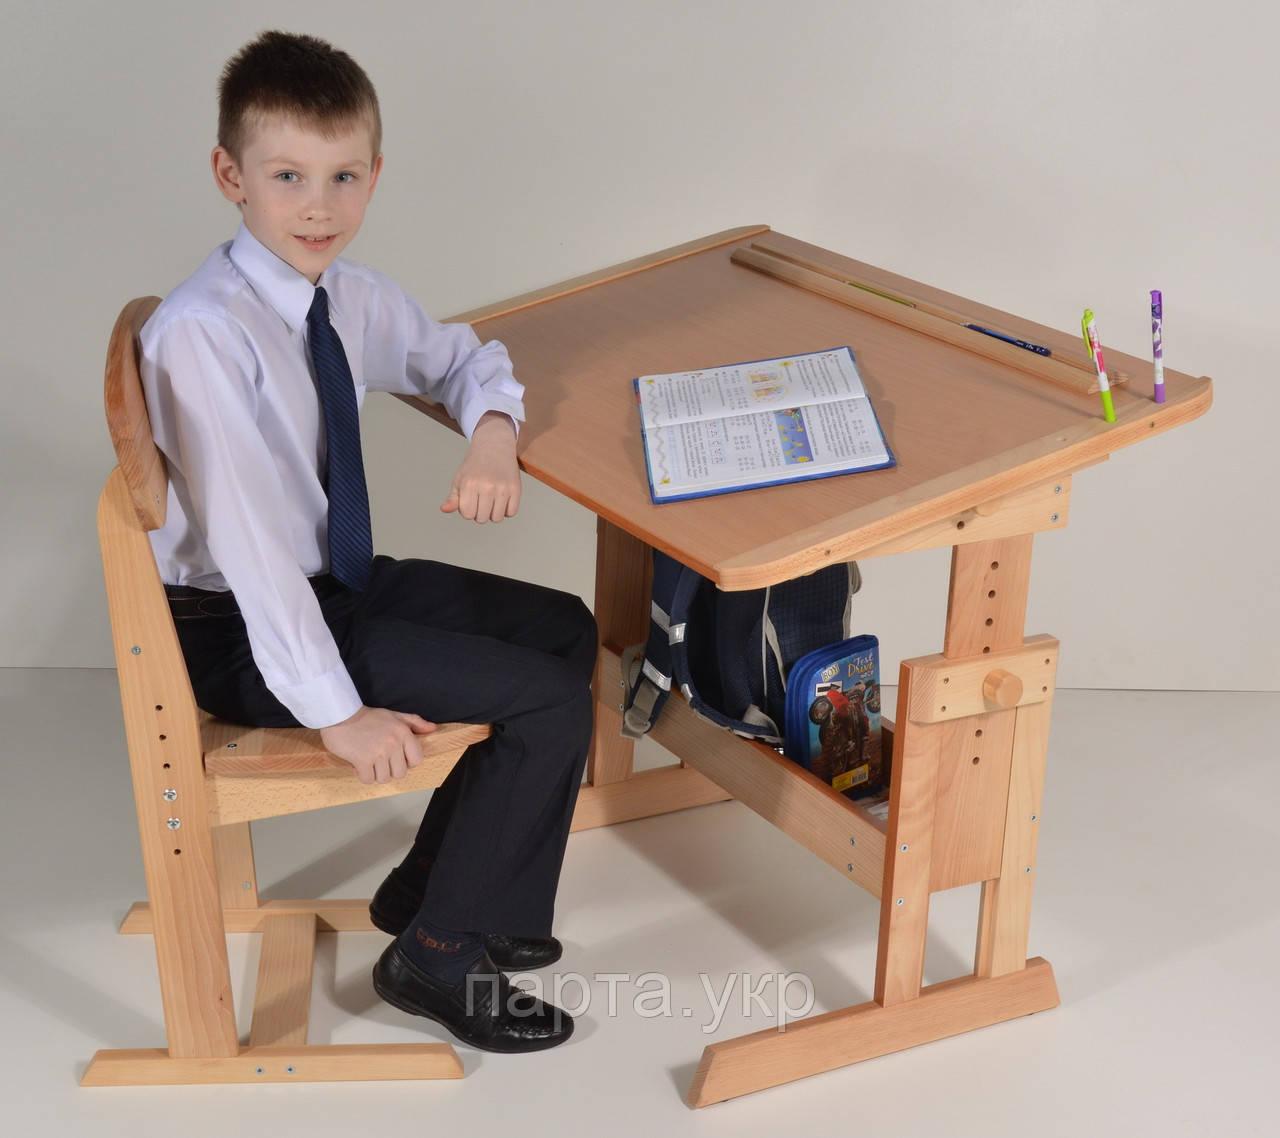 Стул компьютерный детский фото цены